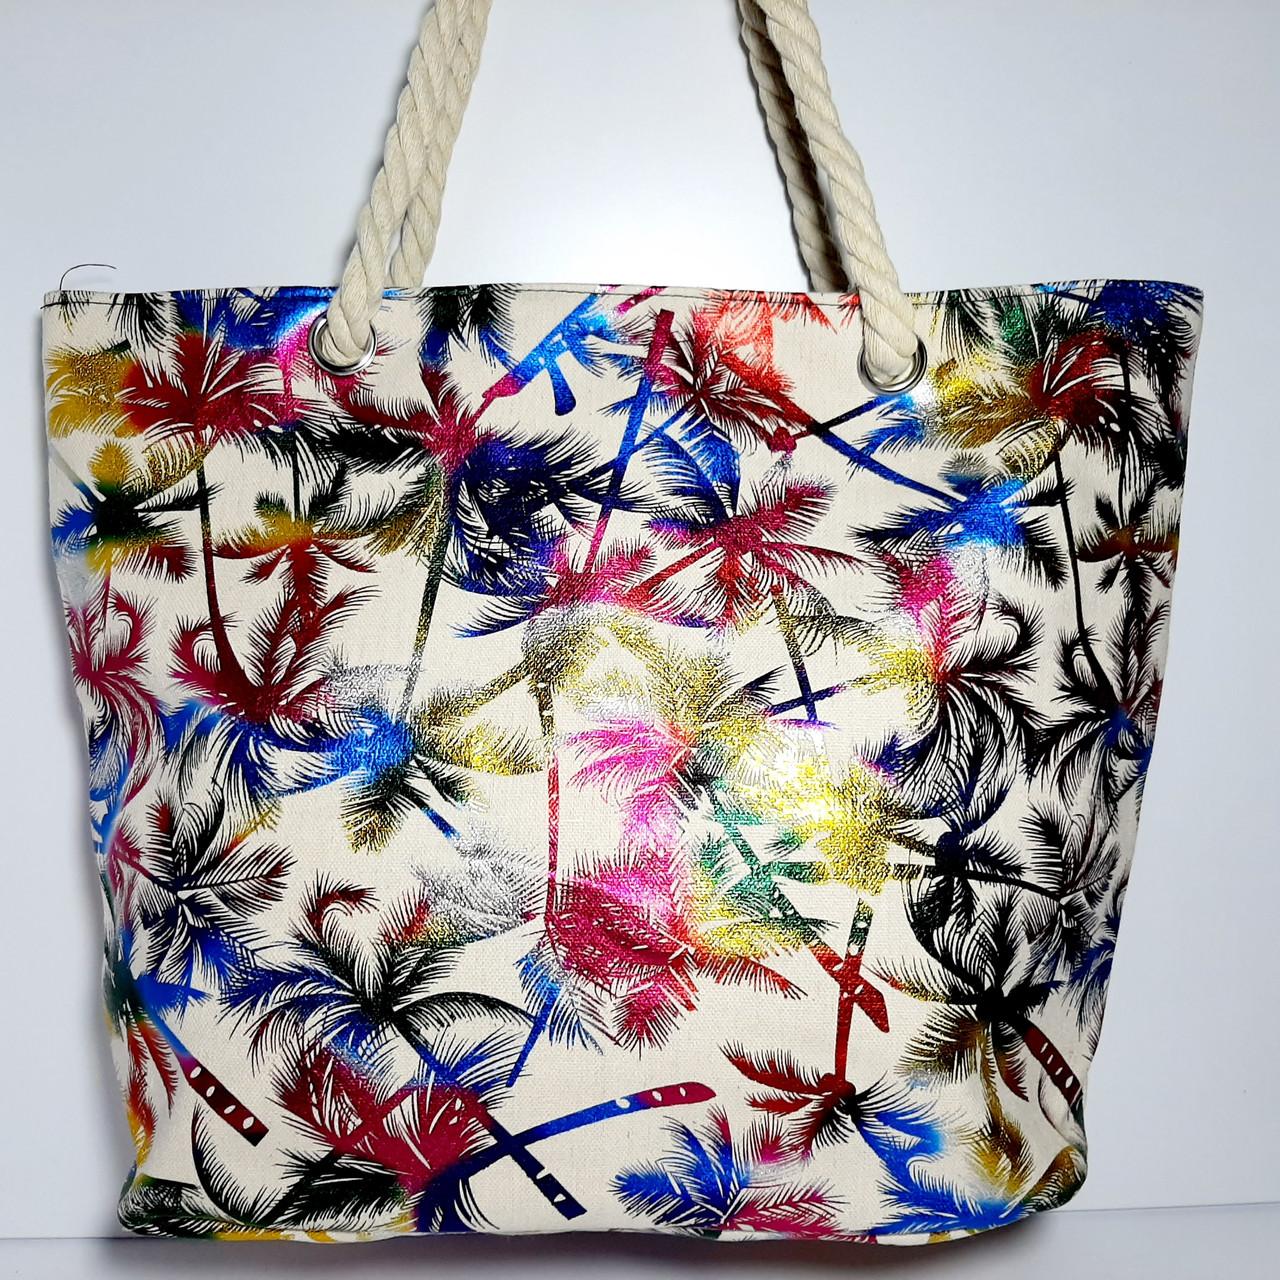 Пляжная текстильная летняя сумка для пляжа и прогулок